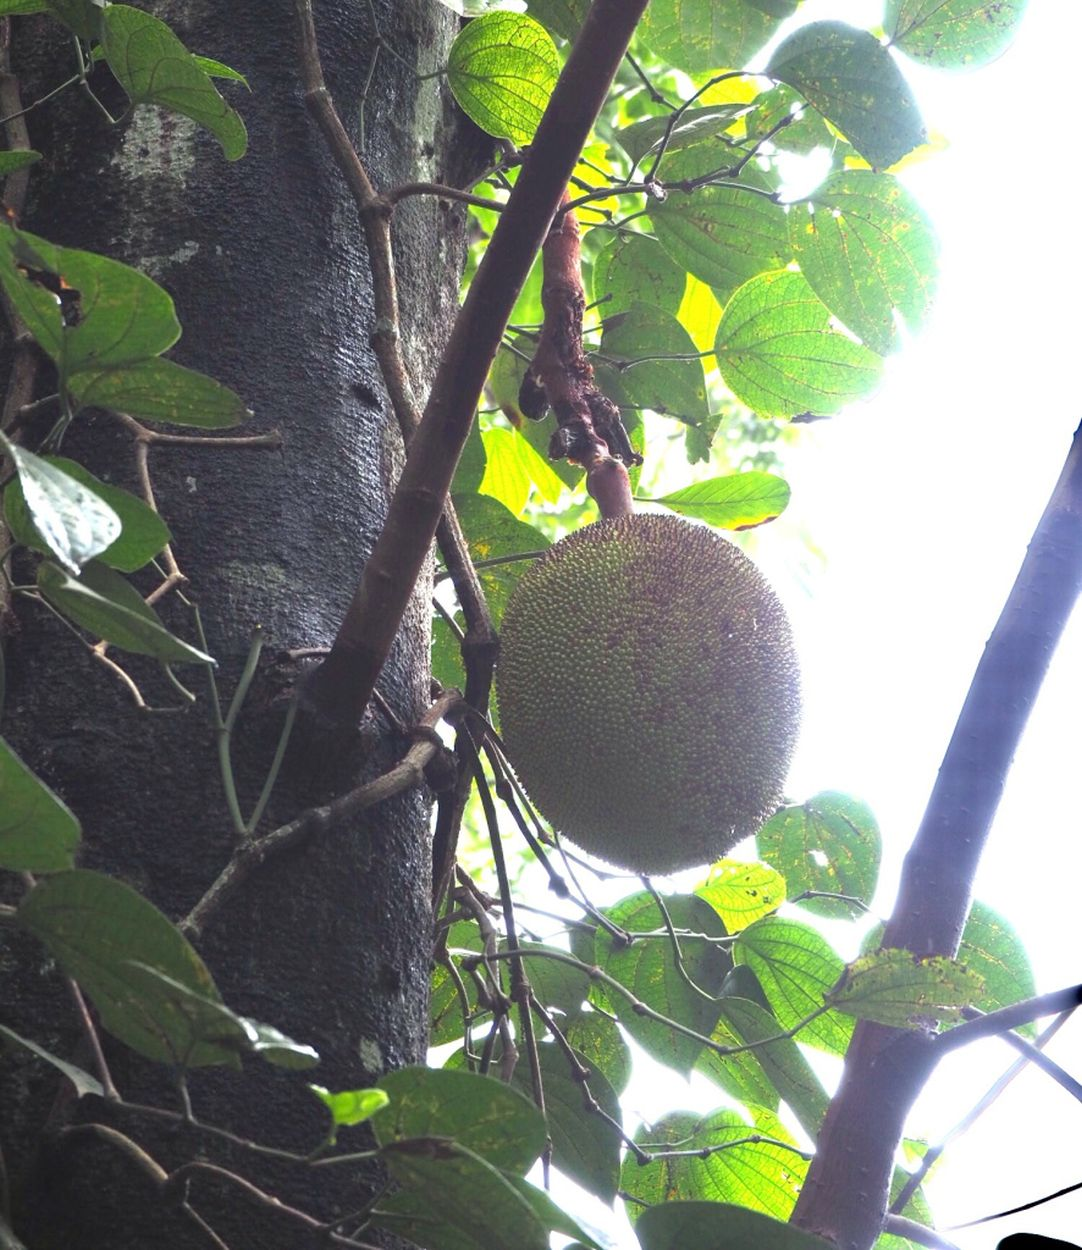 Jack-Frucht am Baum